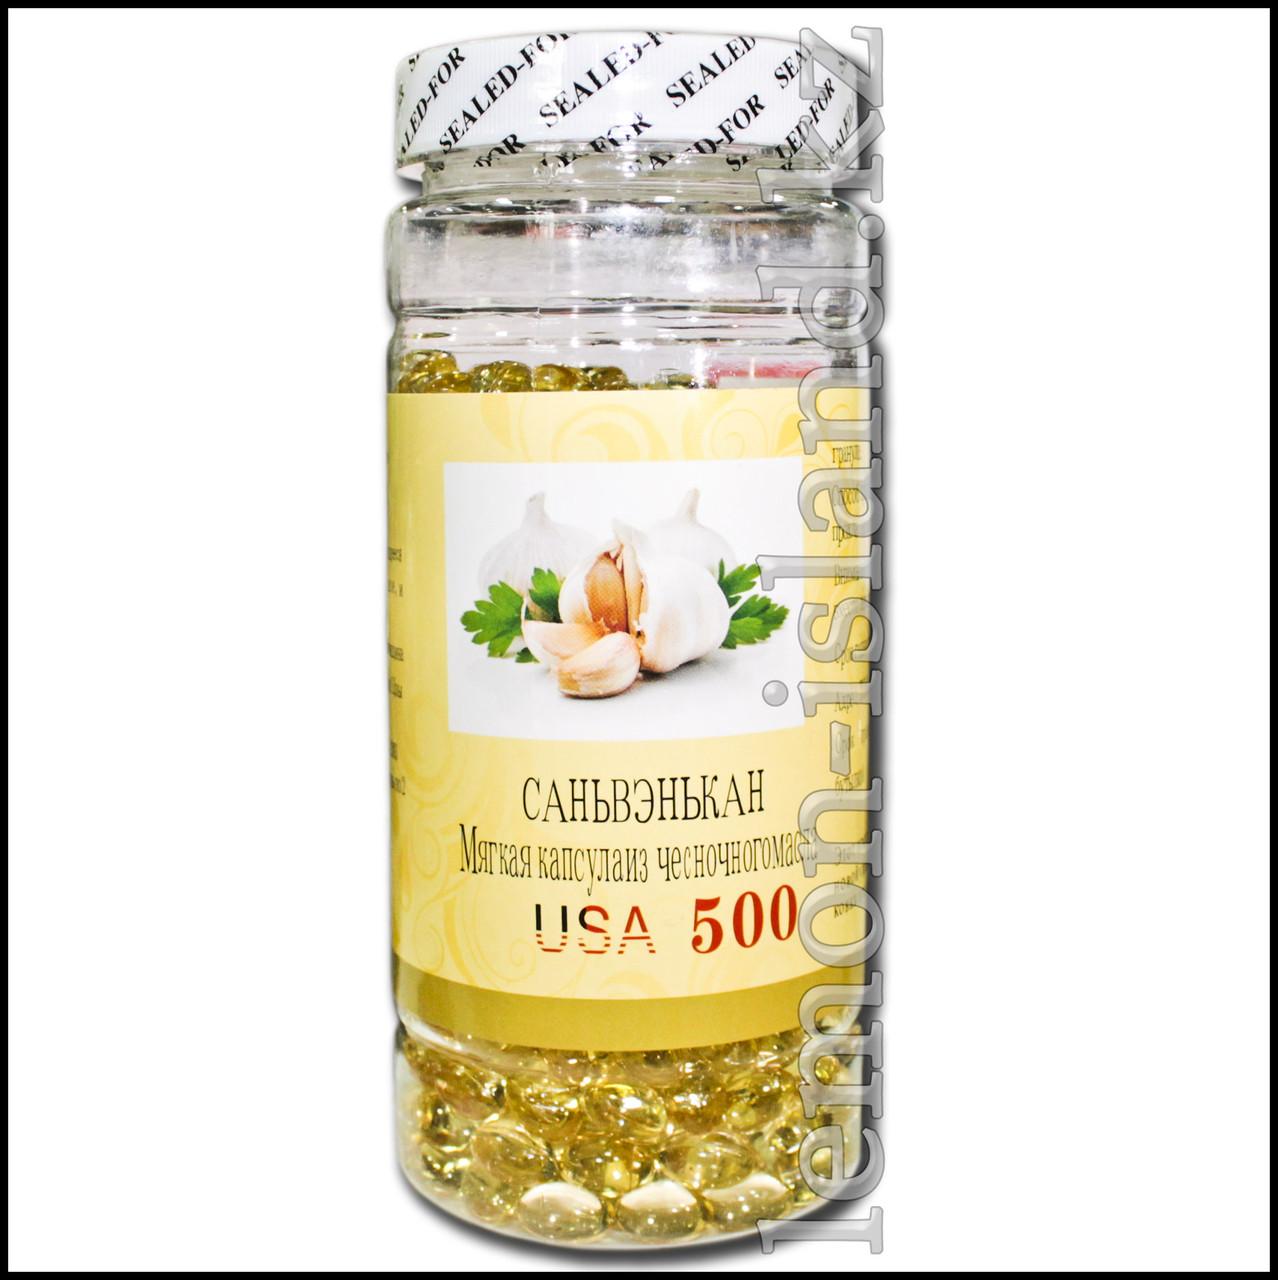 Чесночное масло в капсулах (500 капсул).